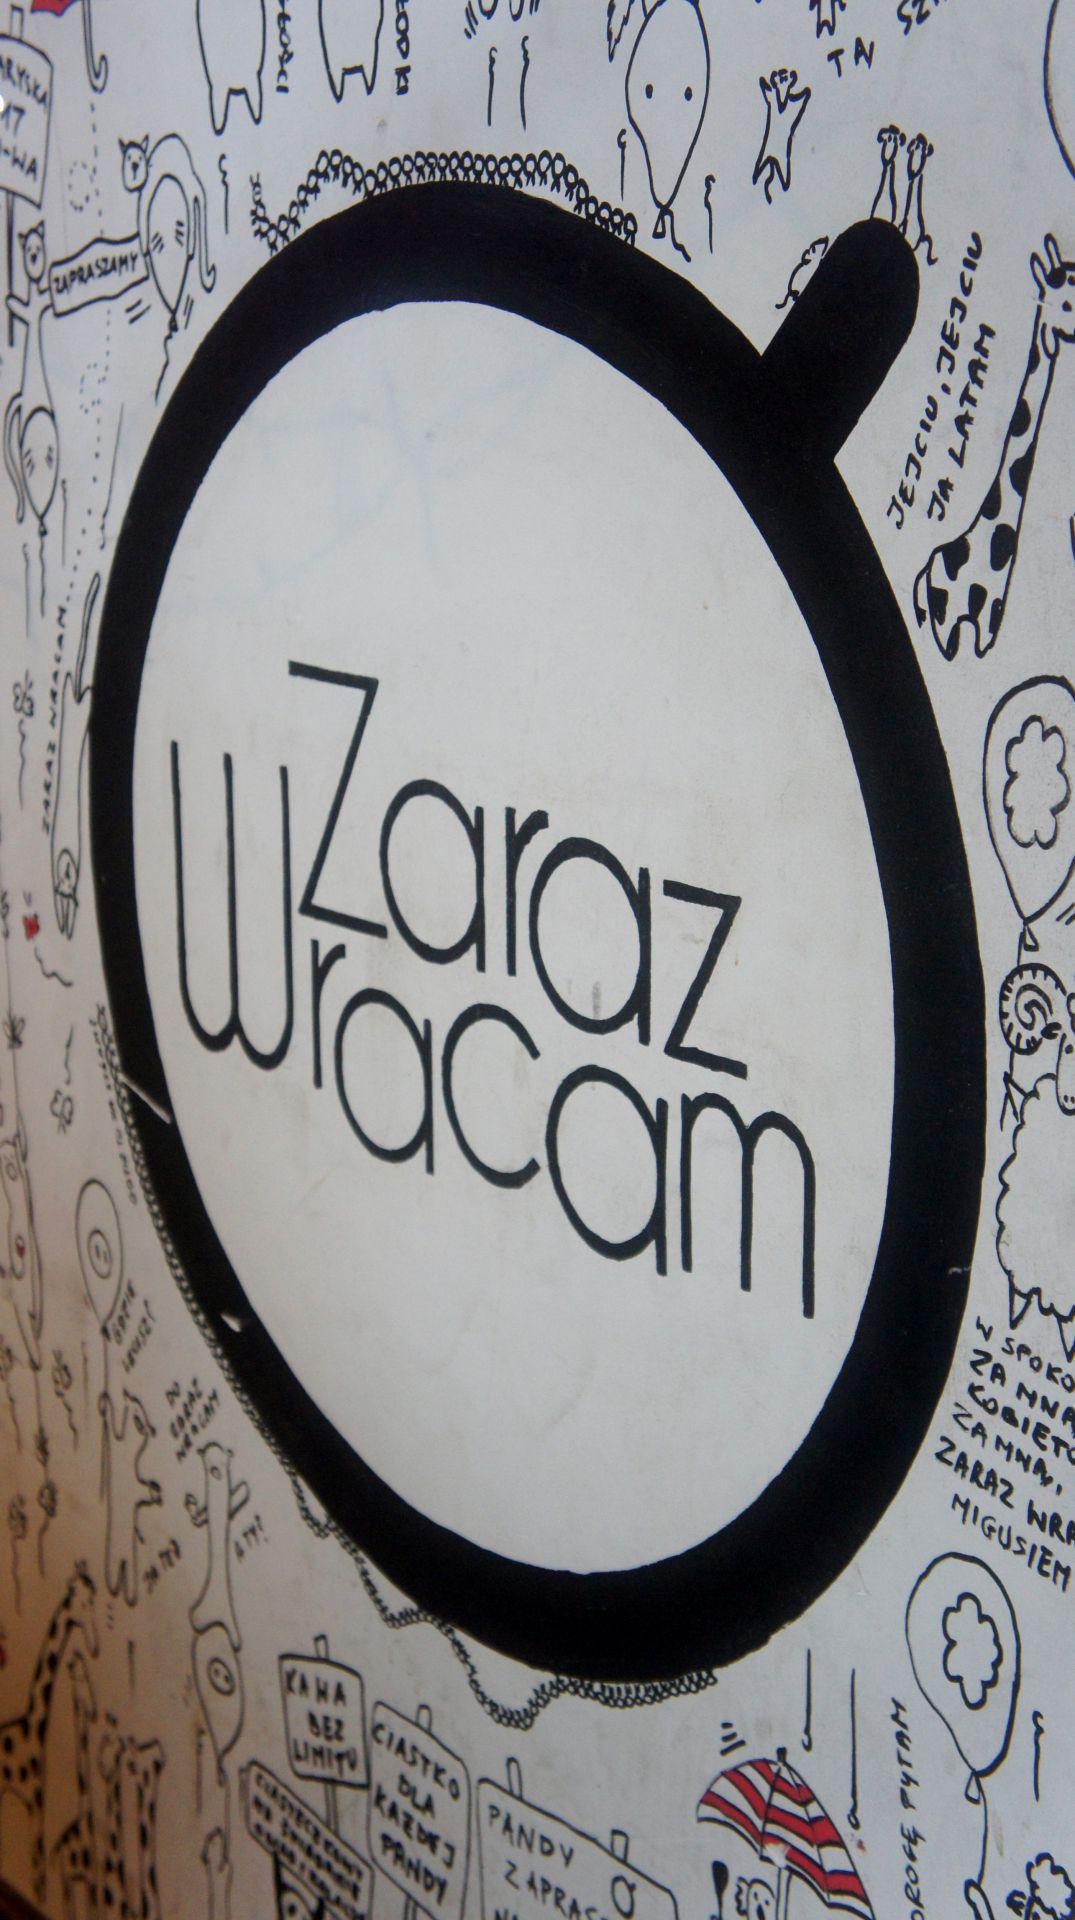 ZARAZ WRACAM, WARSZAWA